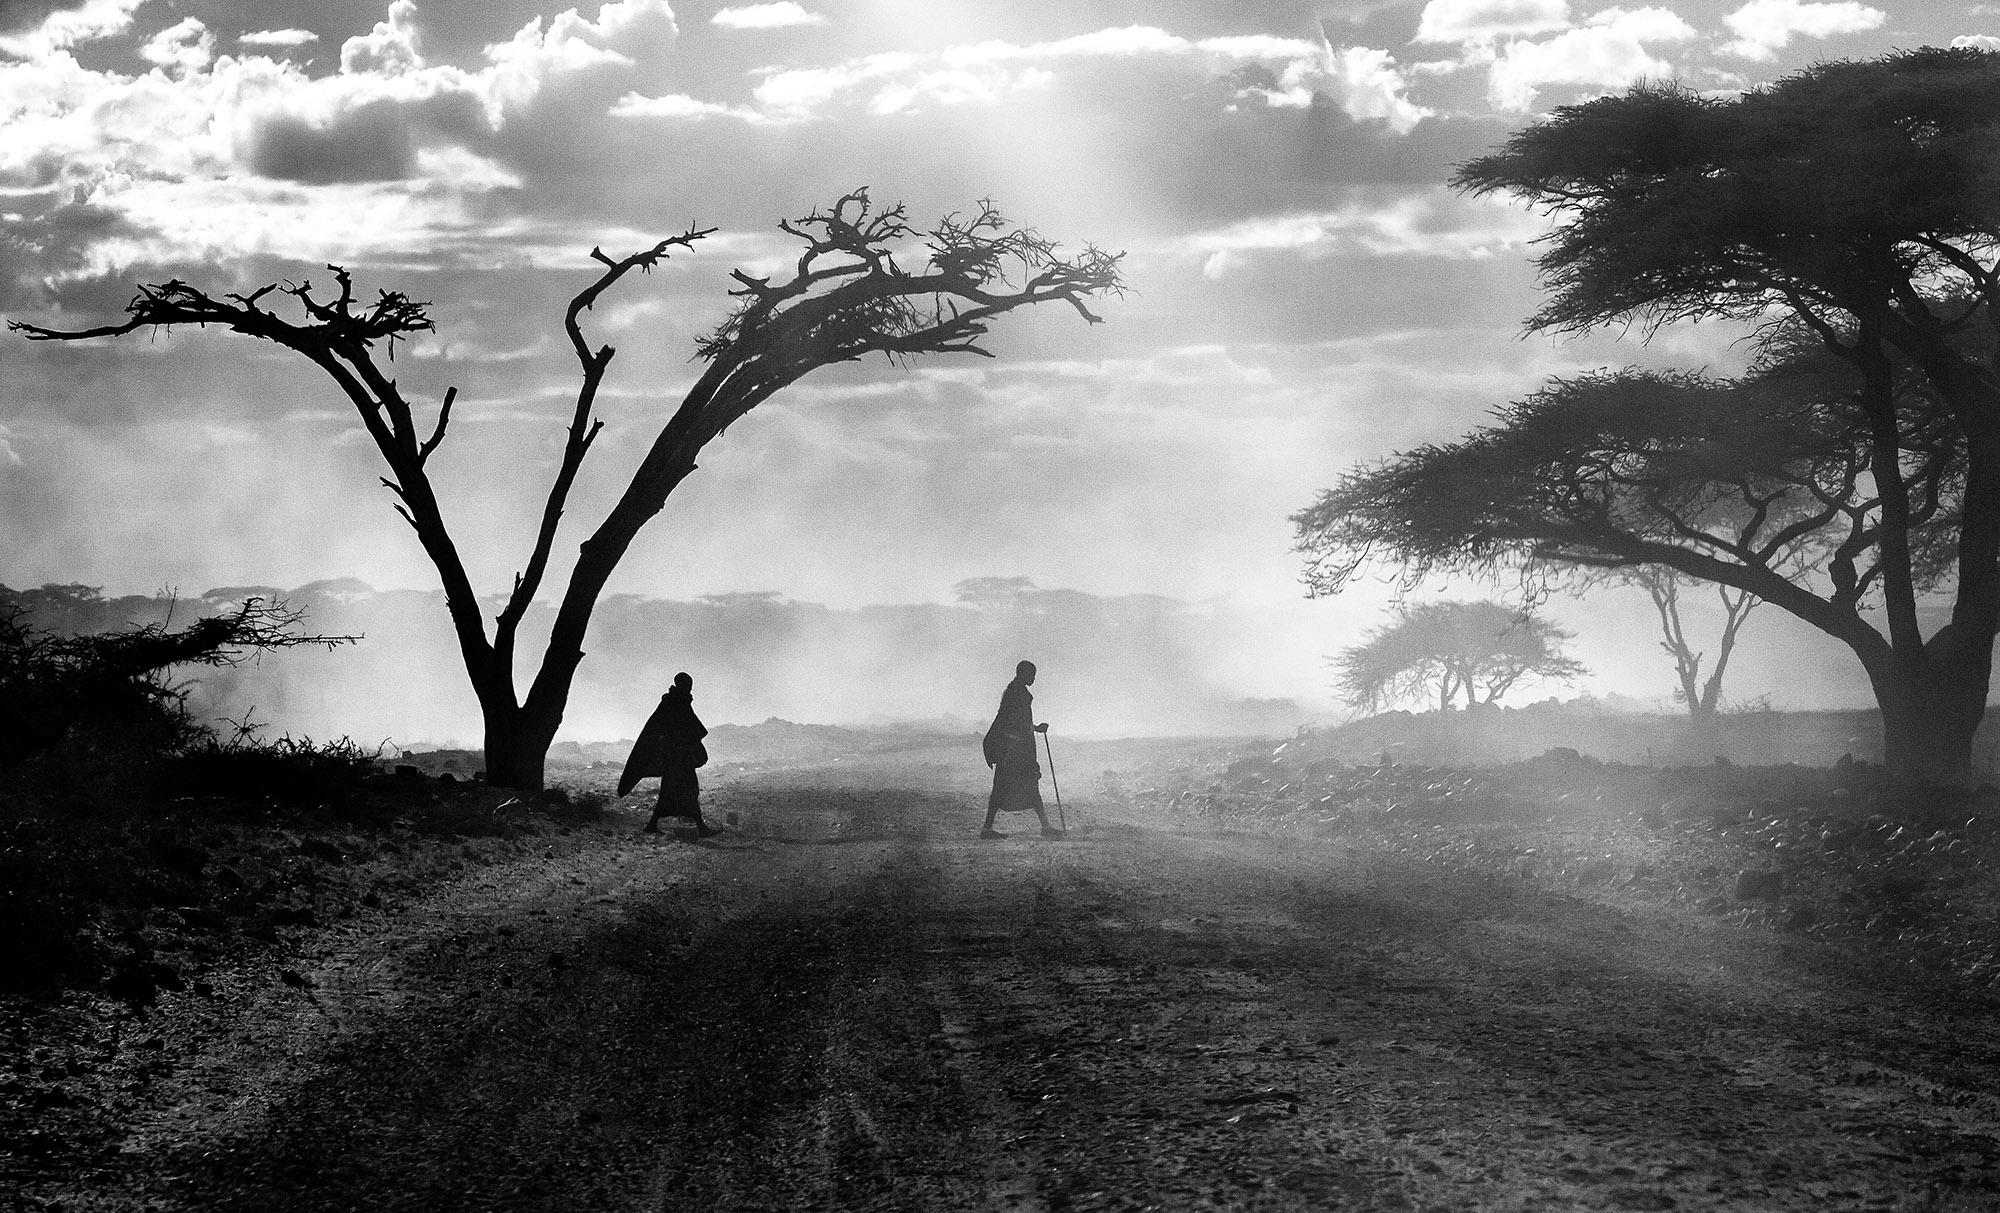 Serengeti_Silhouettes